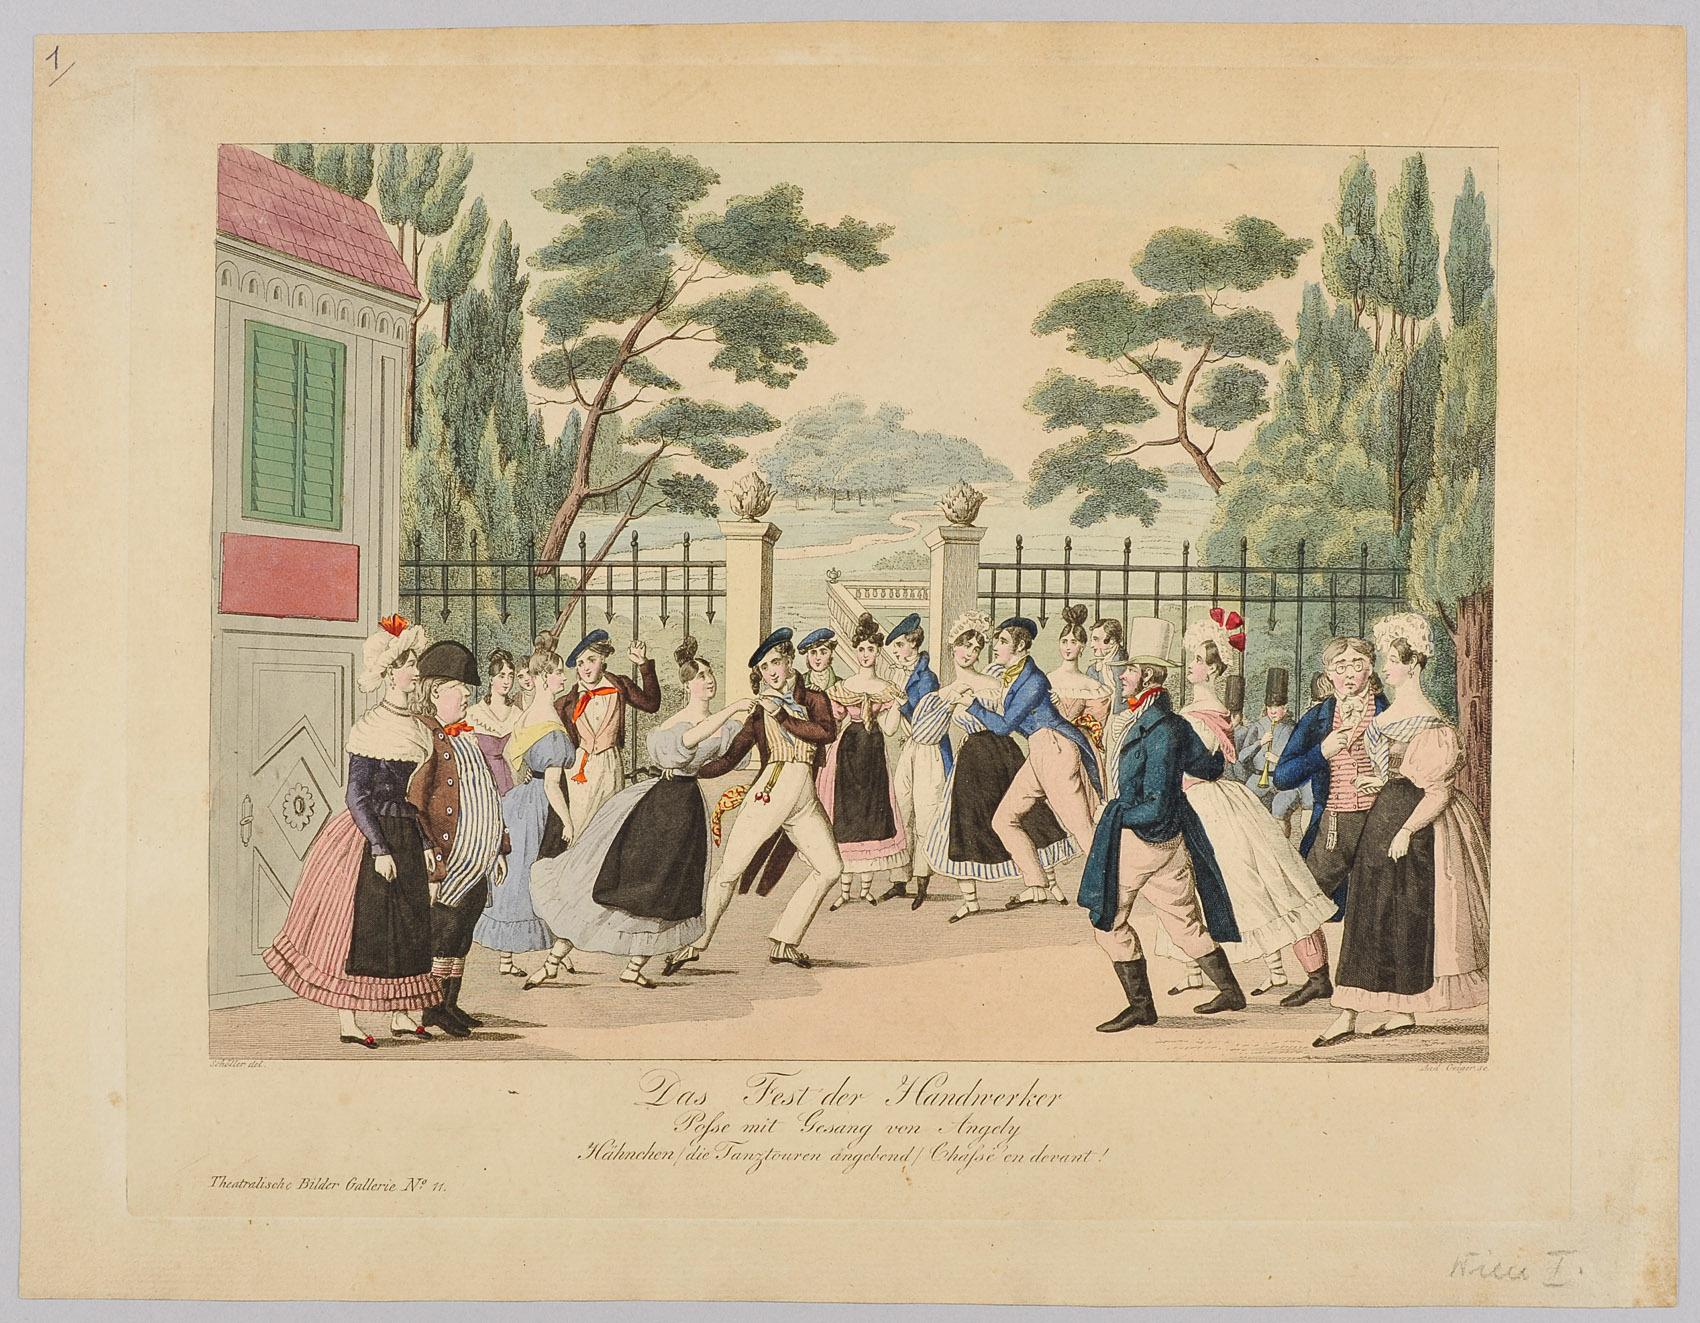 Das Fest der Handwerker von Johann Christian Schoeller